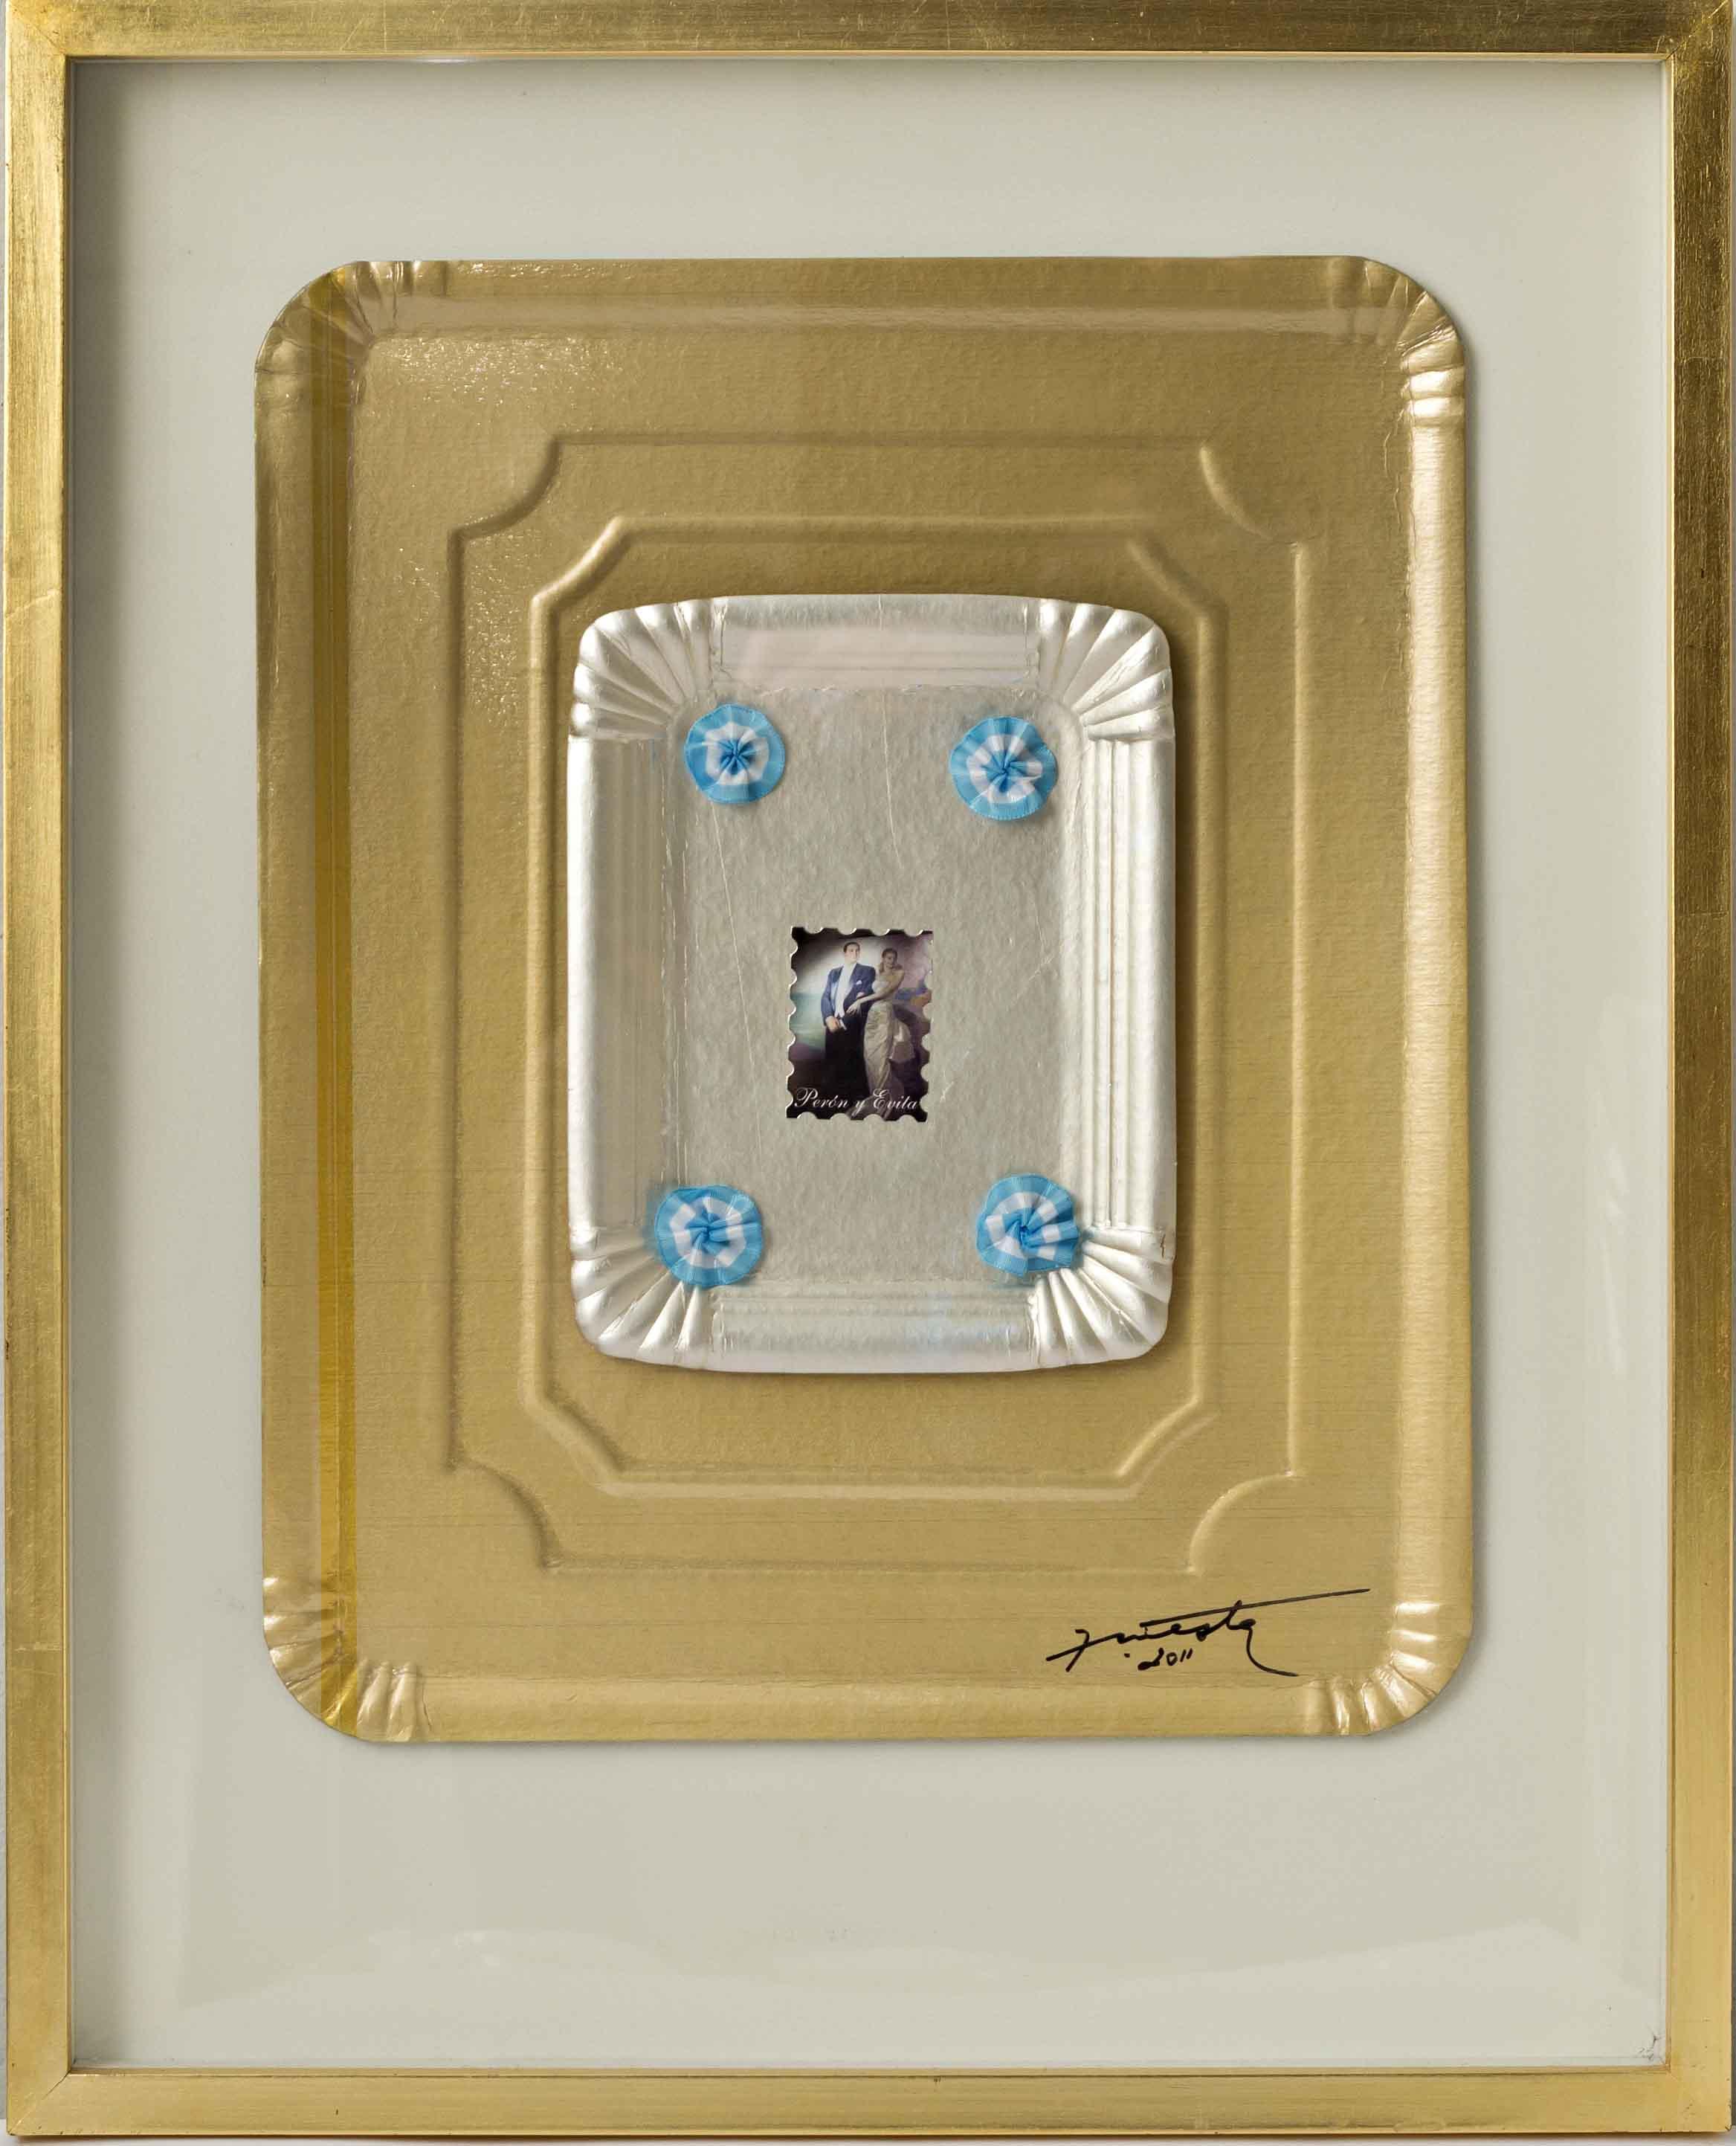 Evita por siempre, papel collage y objetos ensamblados sobre bandejas de cartón, 2012